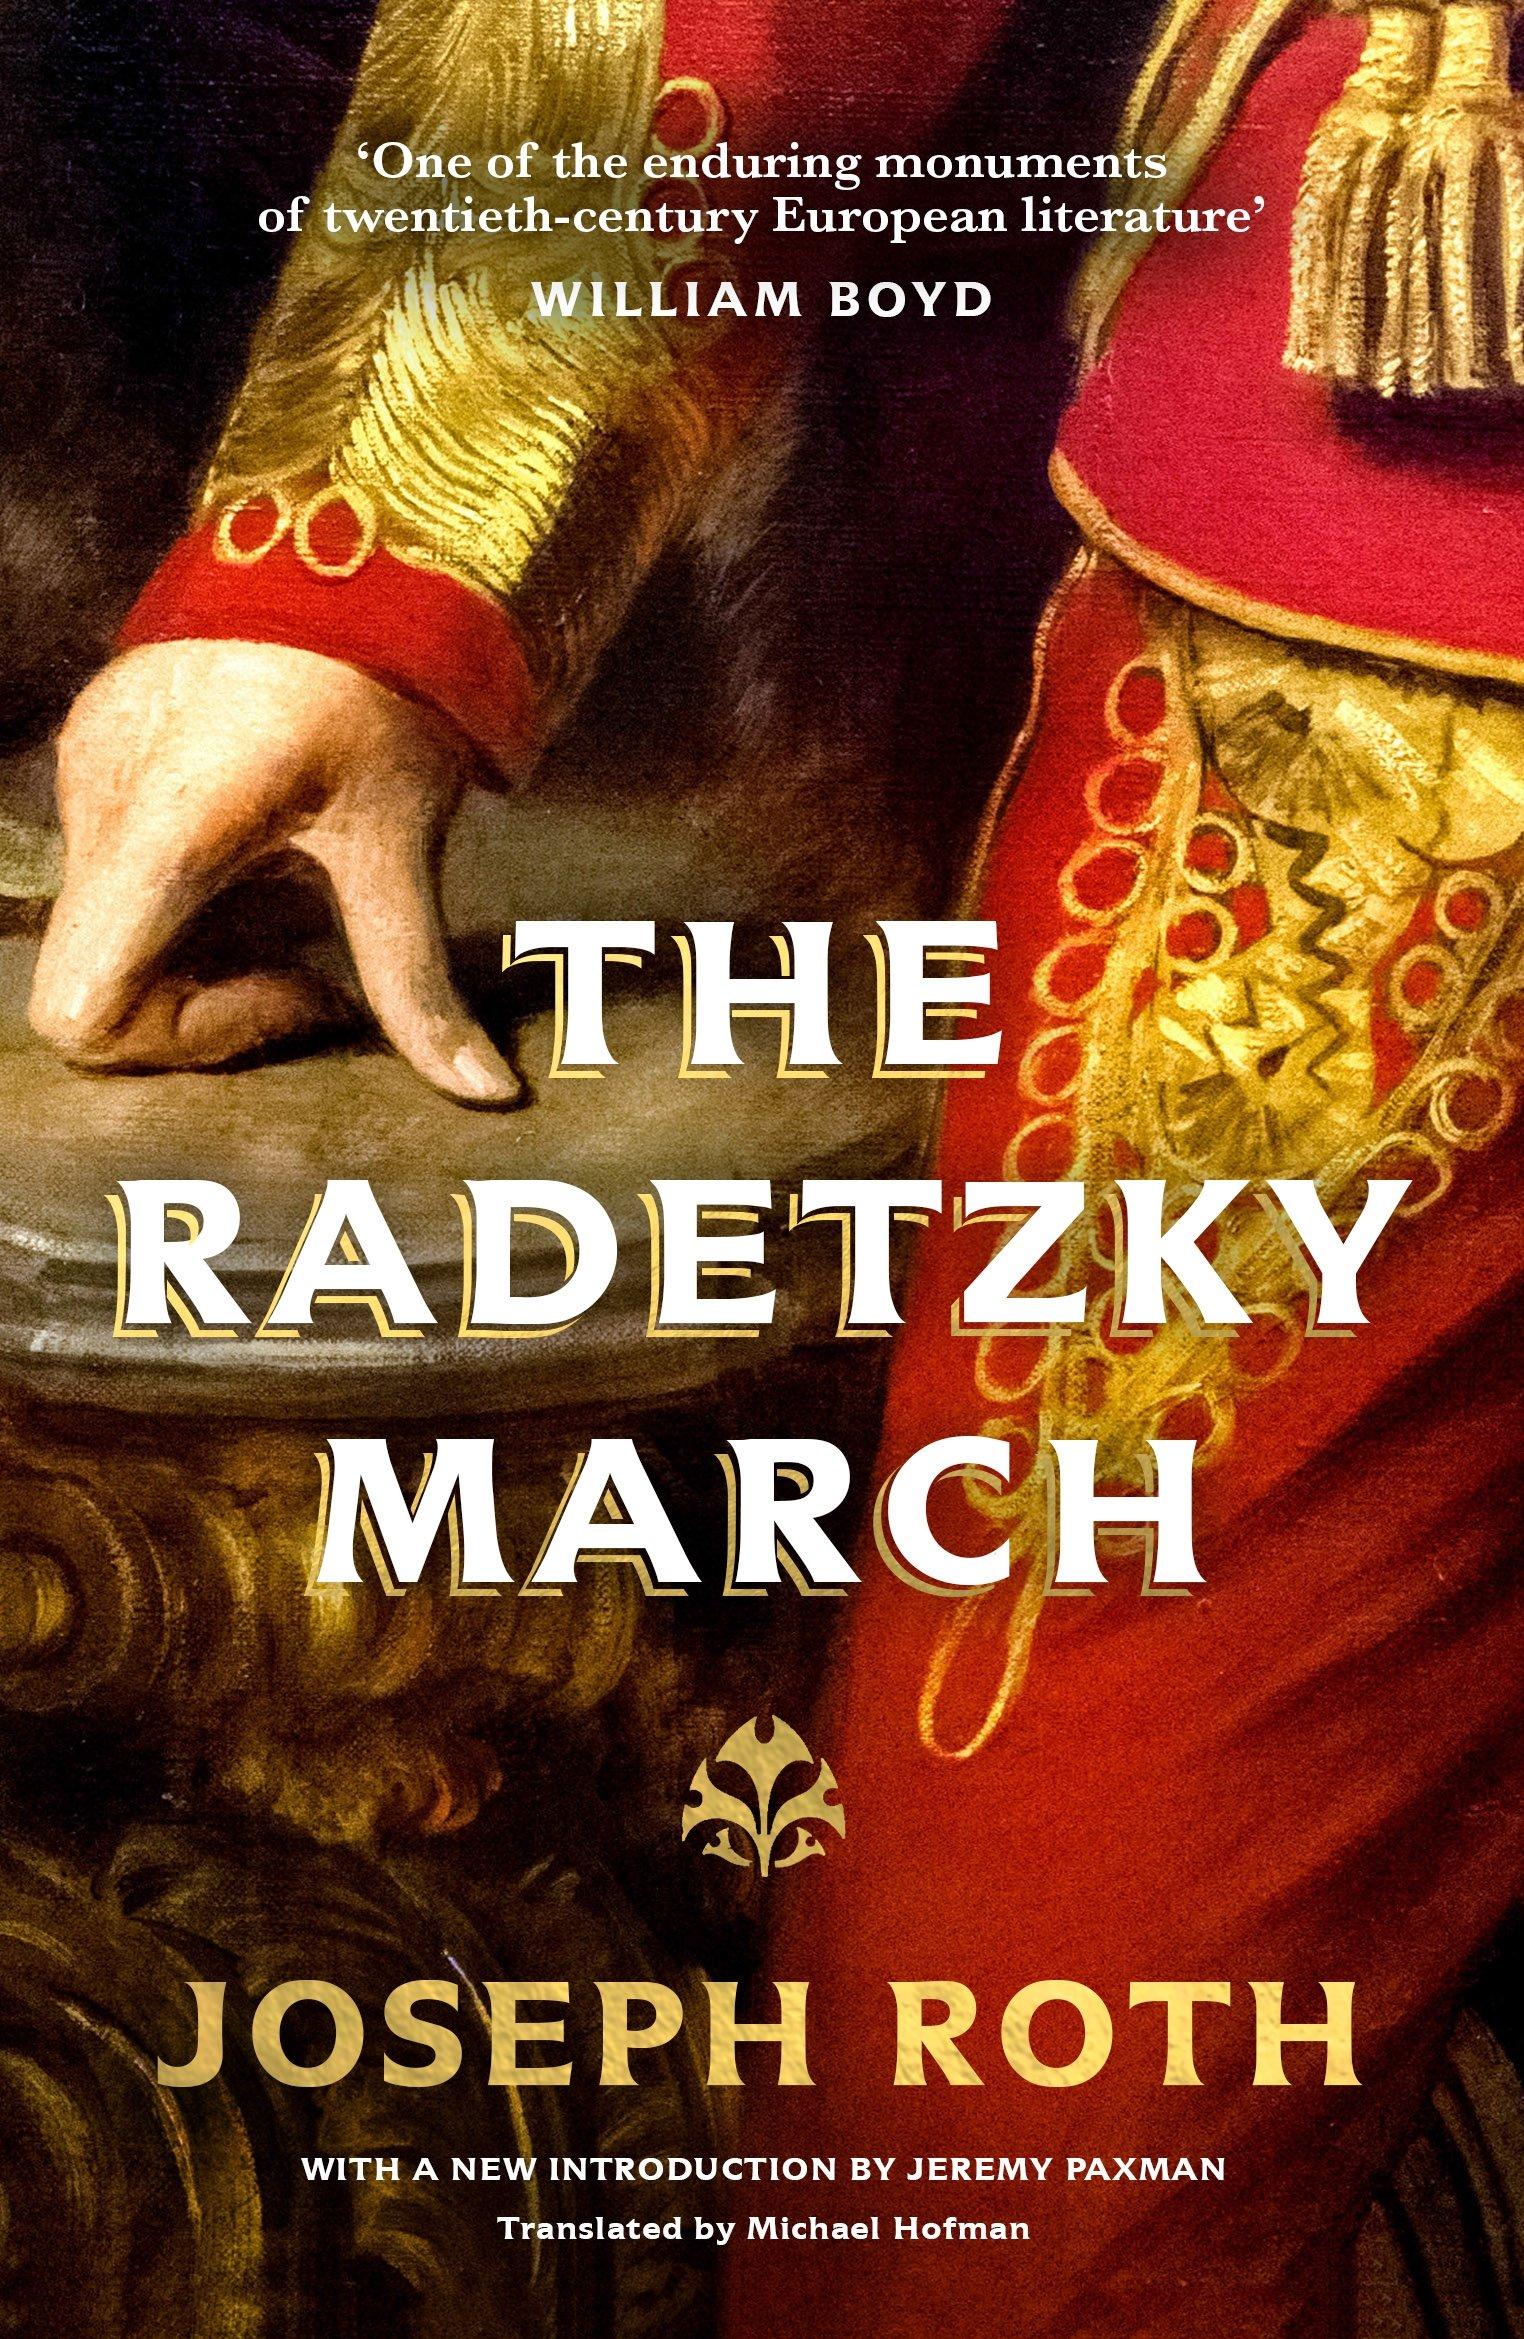 Risultati immagini per radetzky march joseph roth